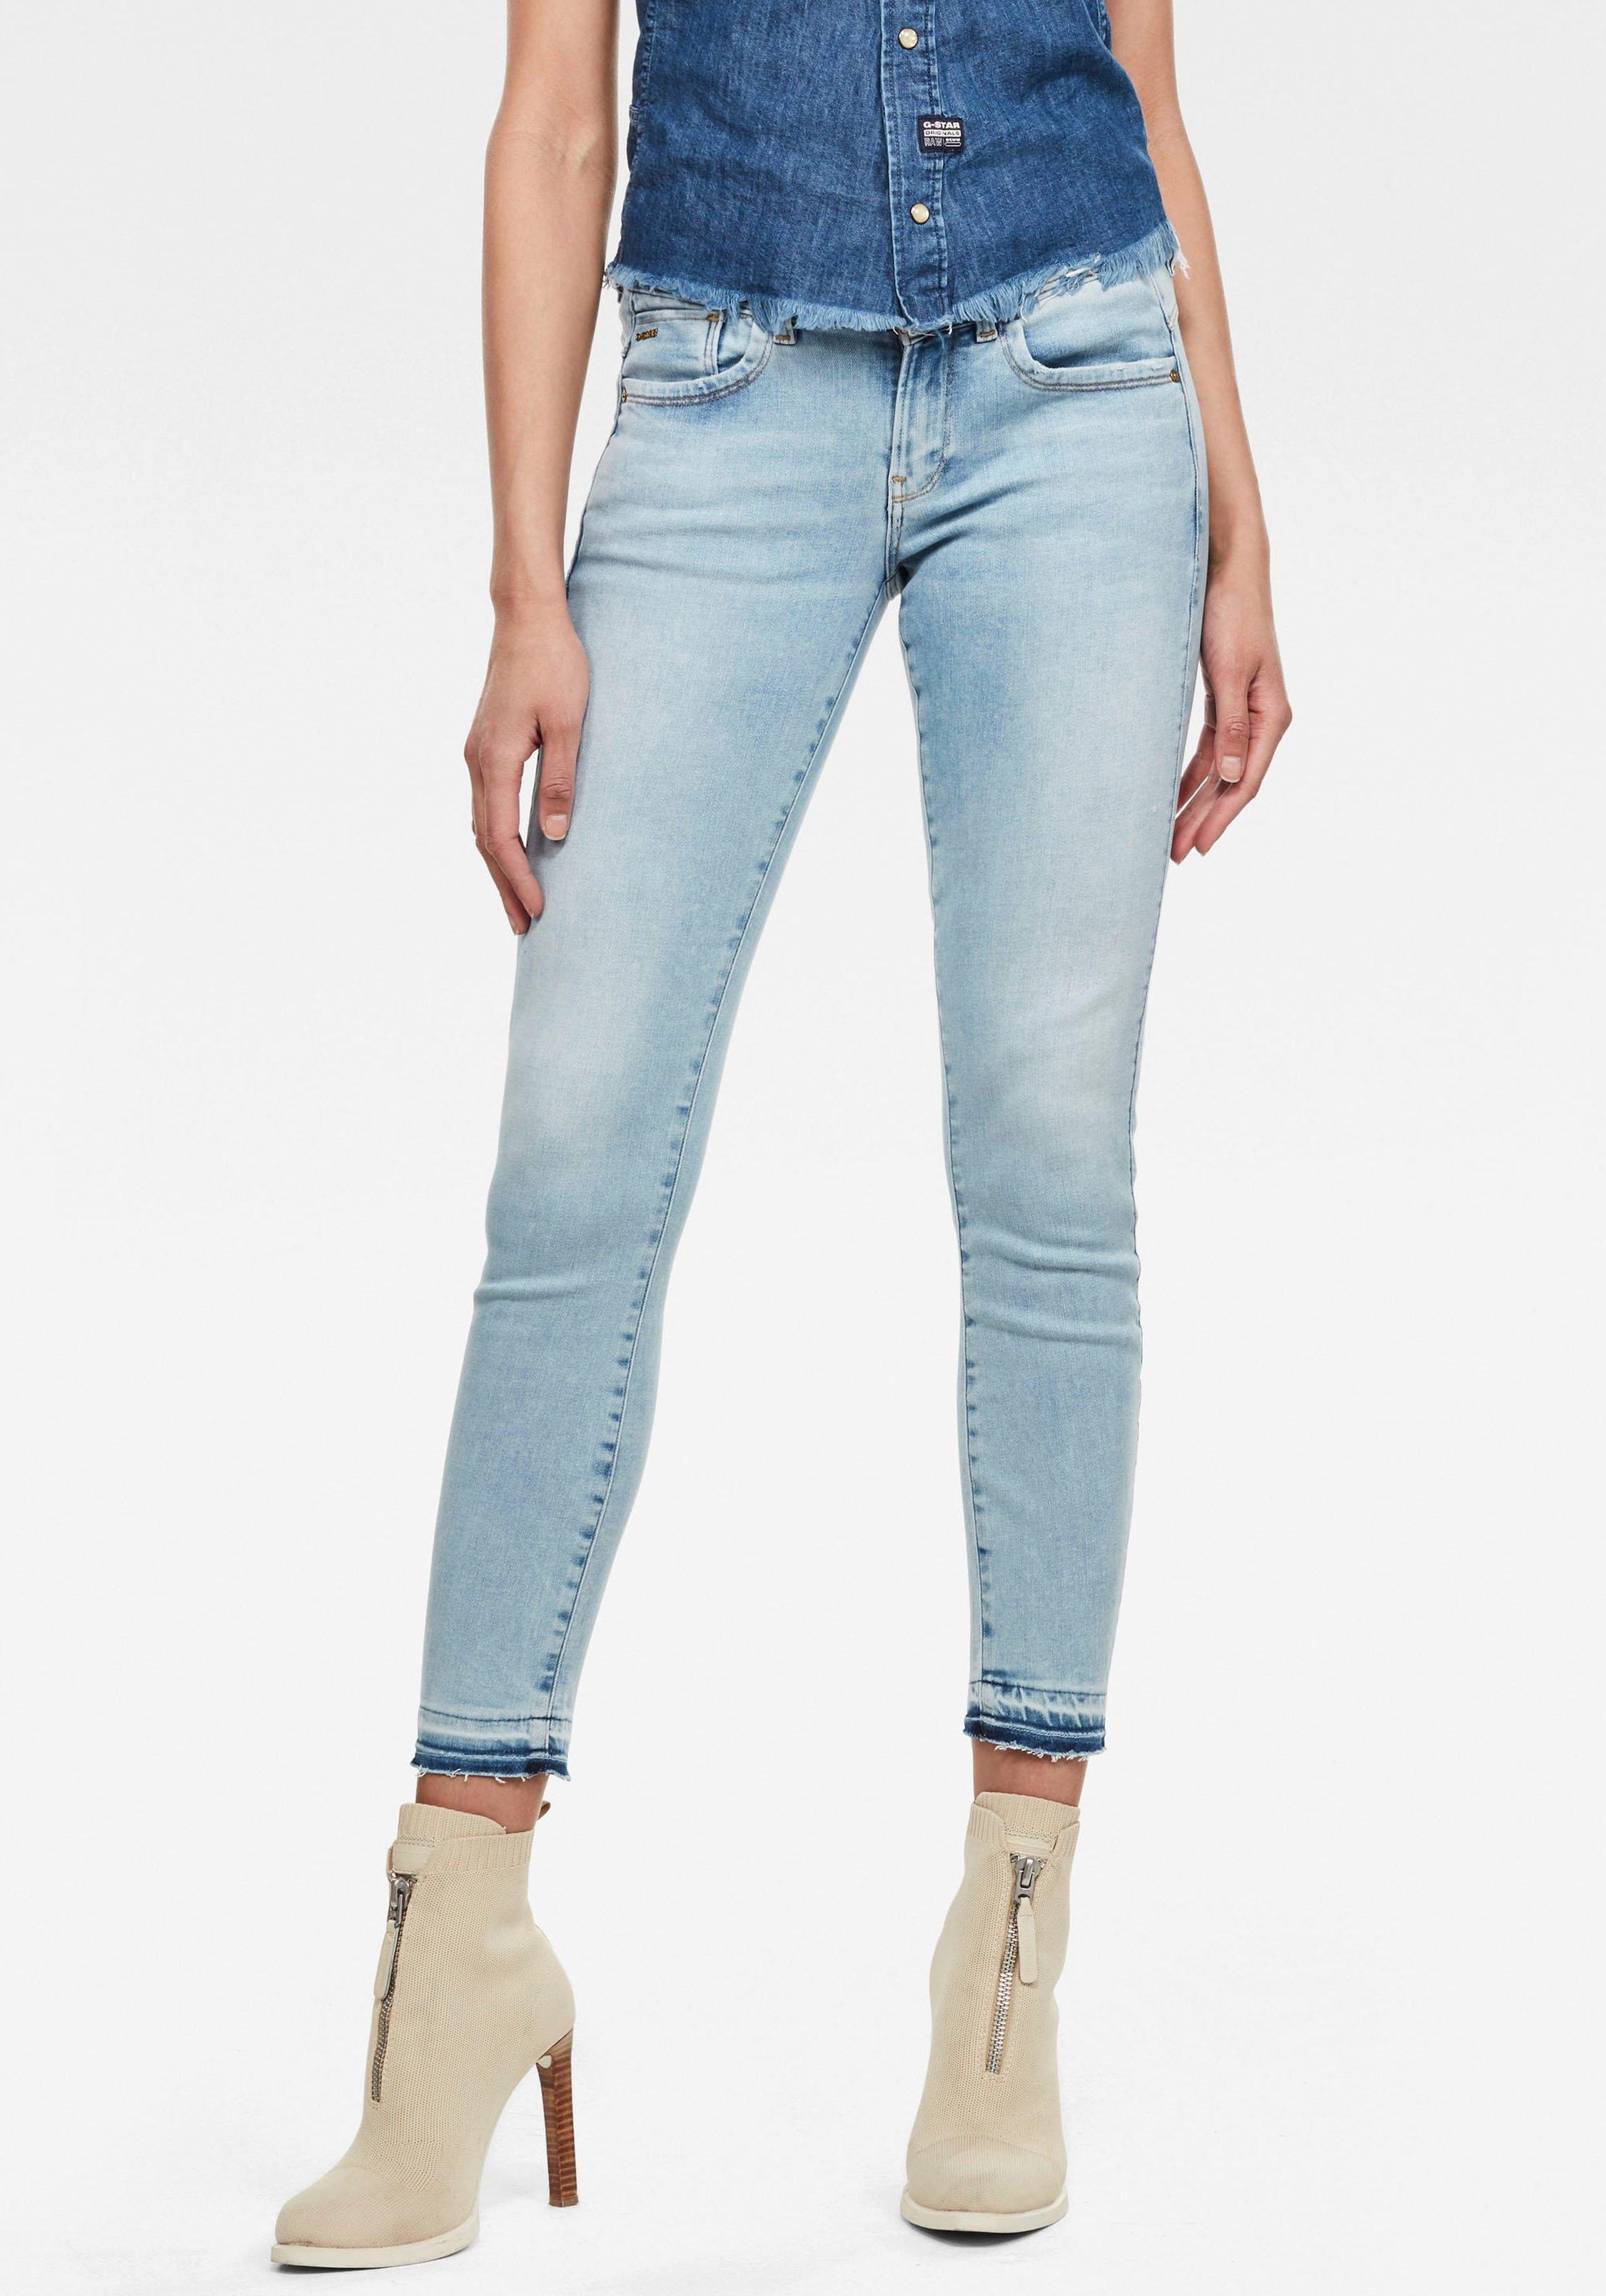 G-Star RAW skinny fit jeans Lynn Mid Skinny Ripped Edge Ankle Jeans met iets gerafelde zoom van de pijp bestellen: 30 dagen bedenktijd